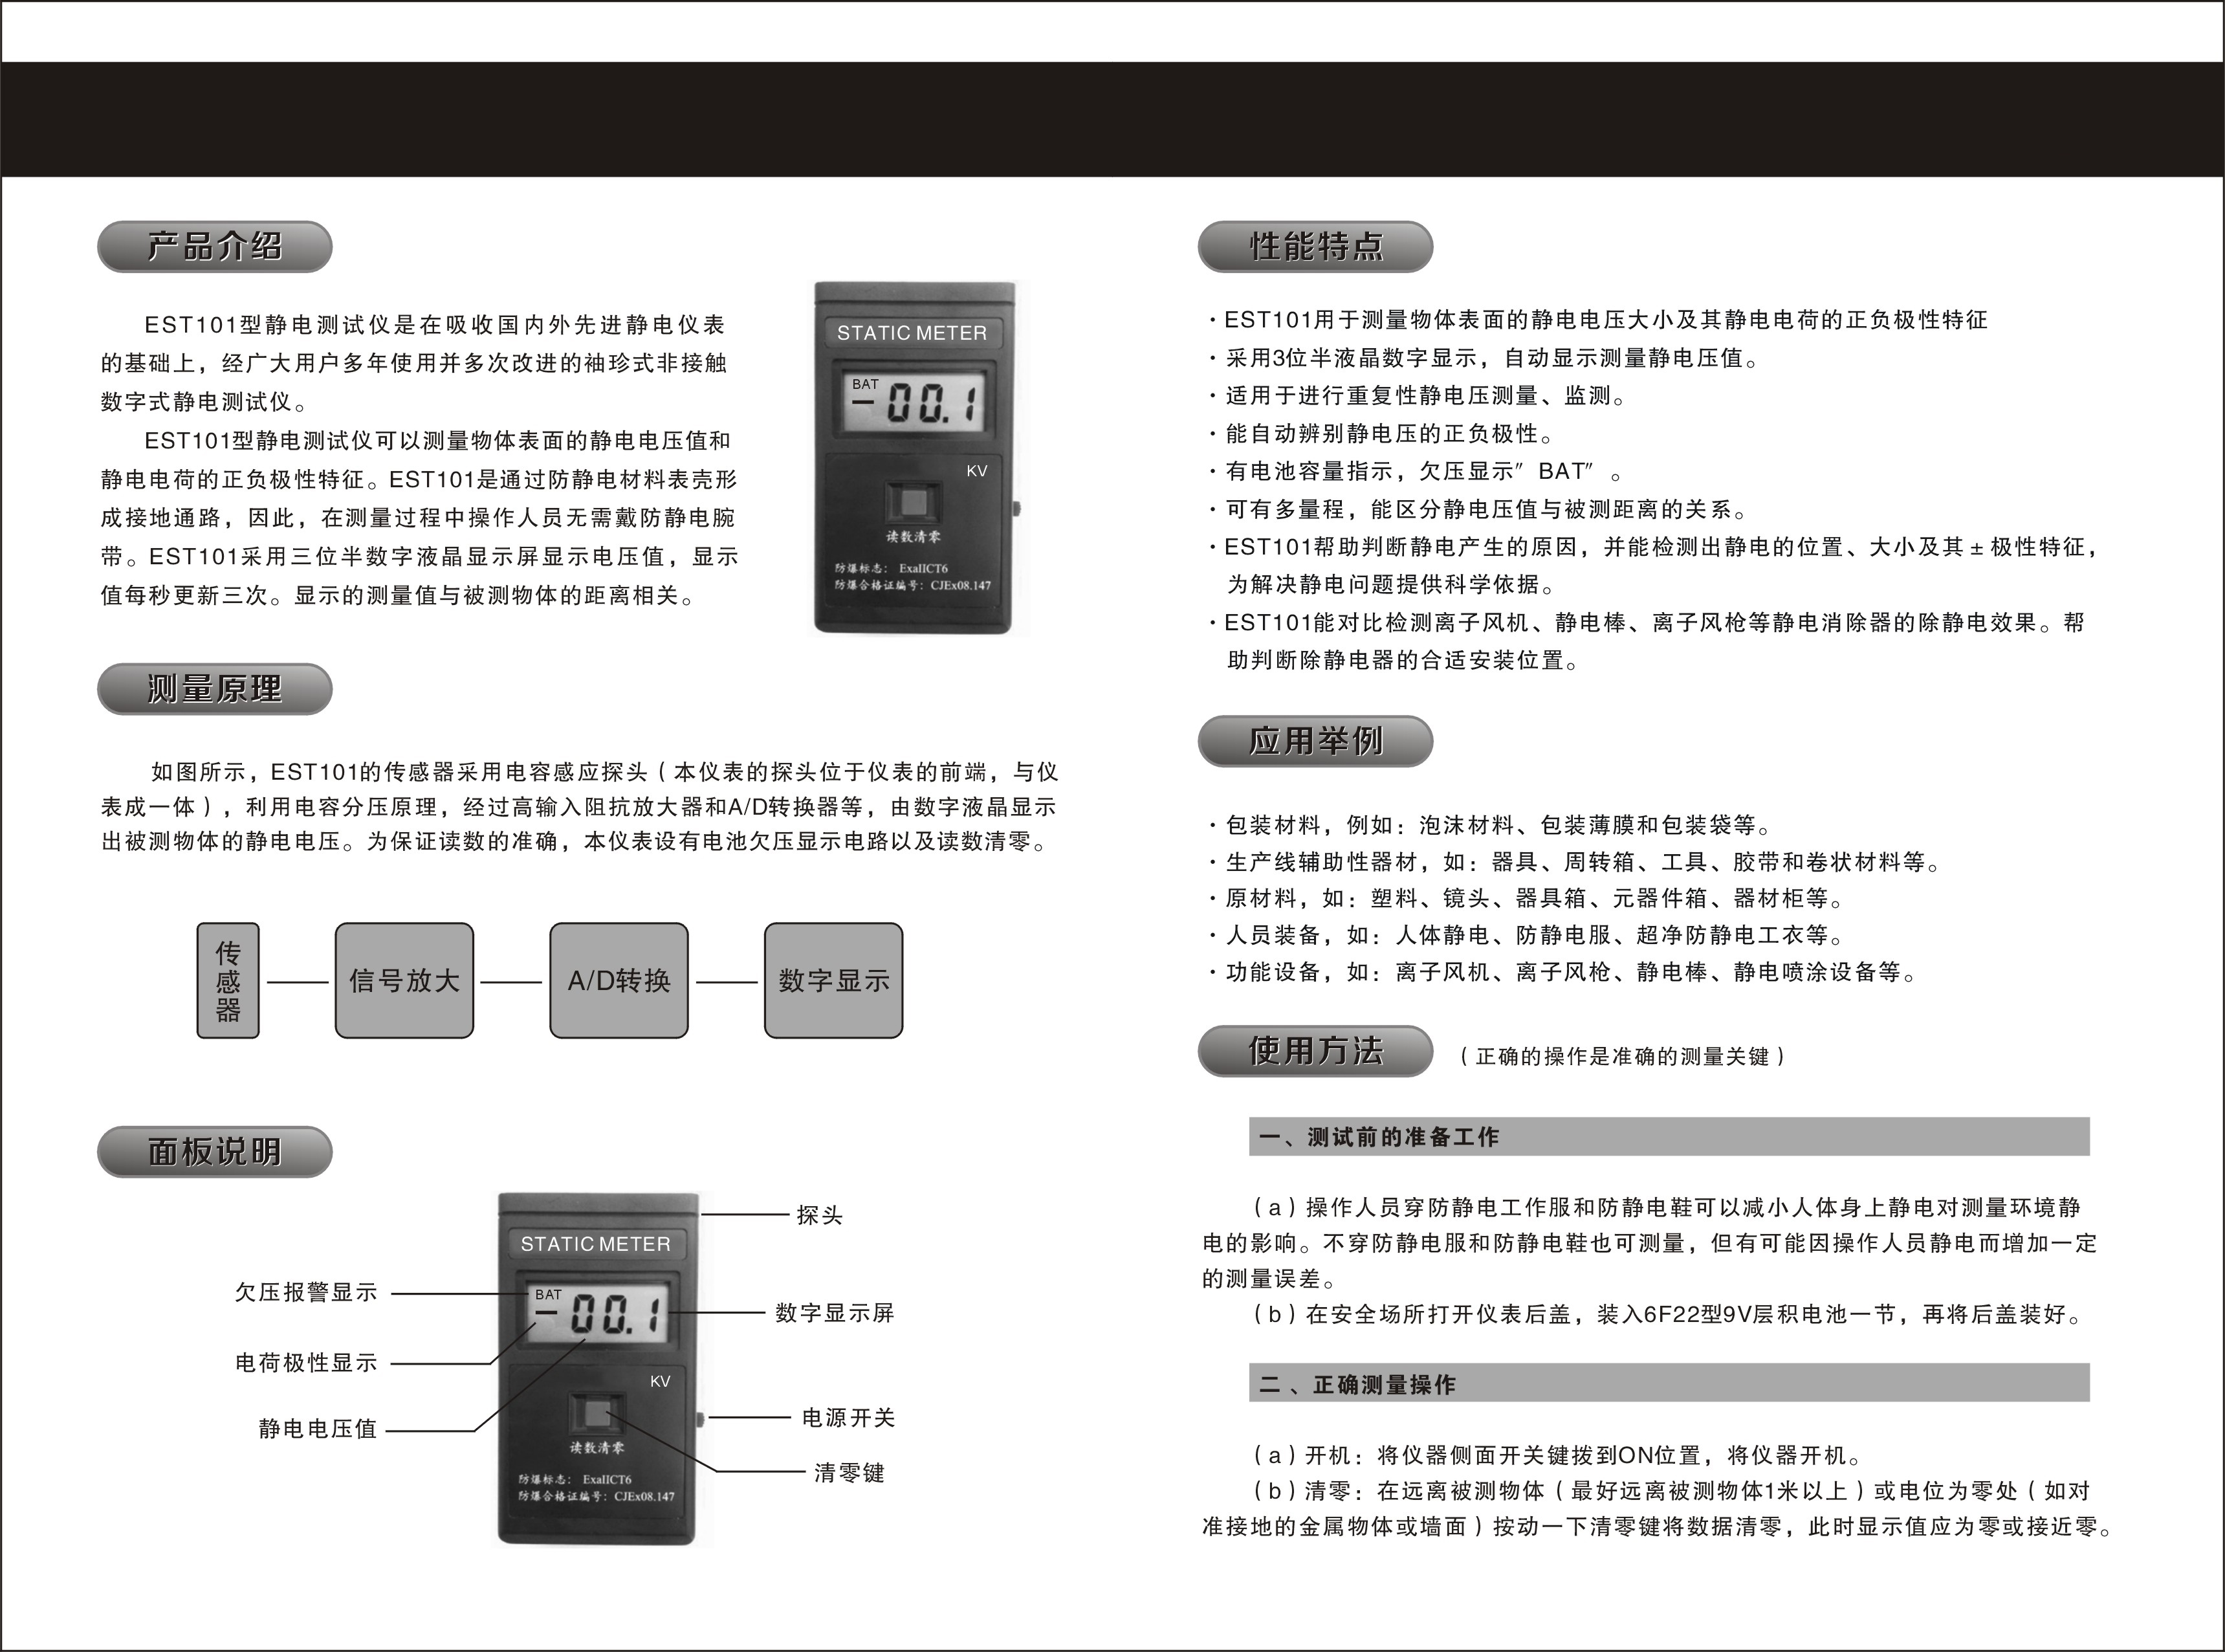 本站关键词:防雷静电电位测试仪_防雷装置检测设备